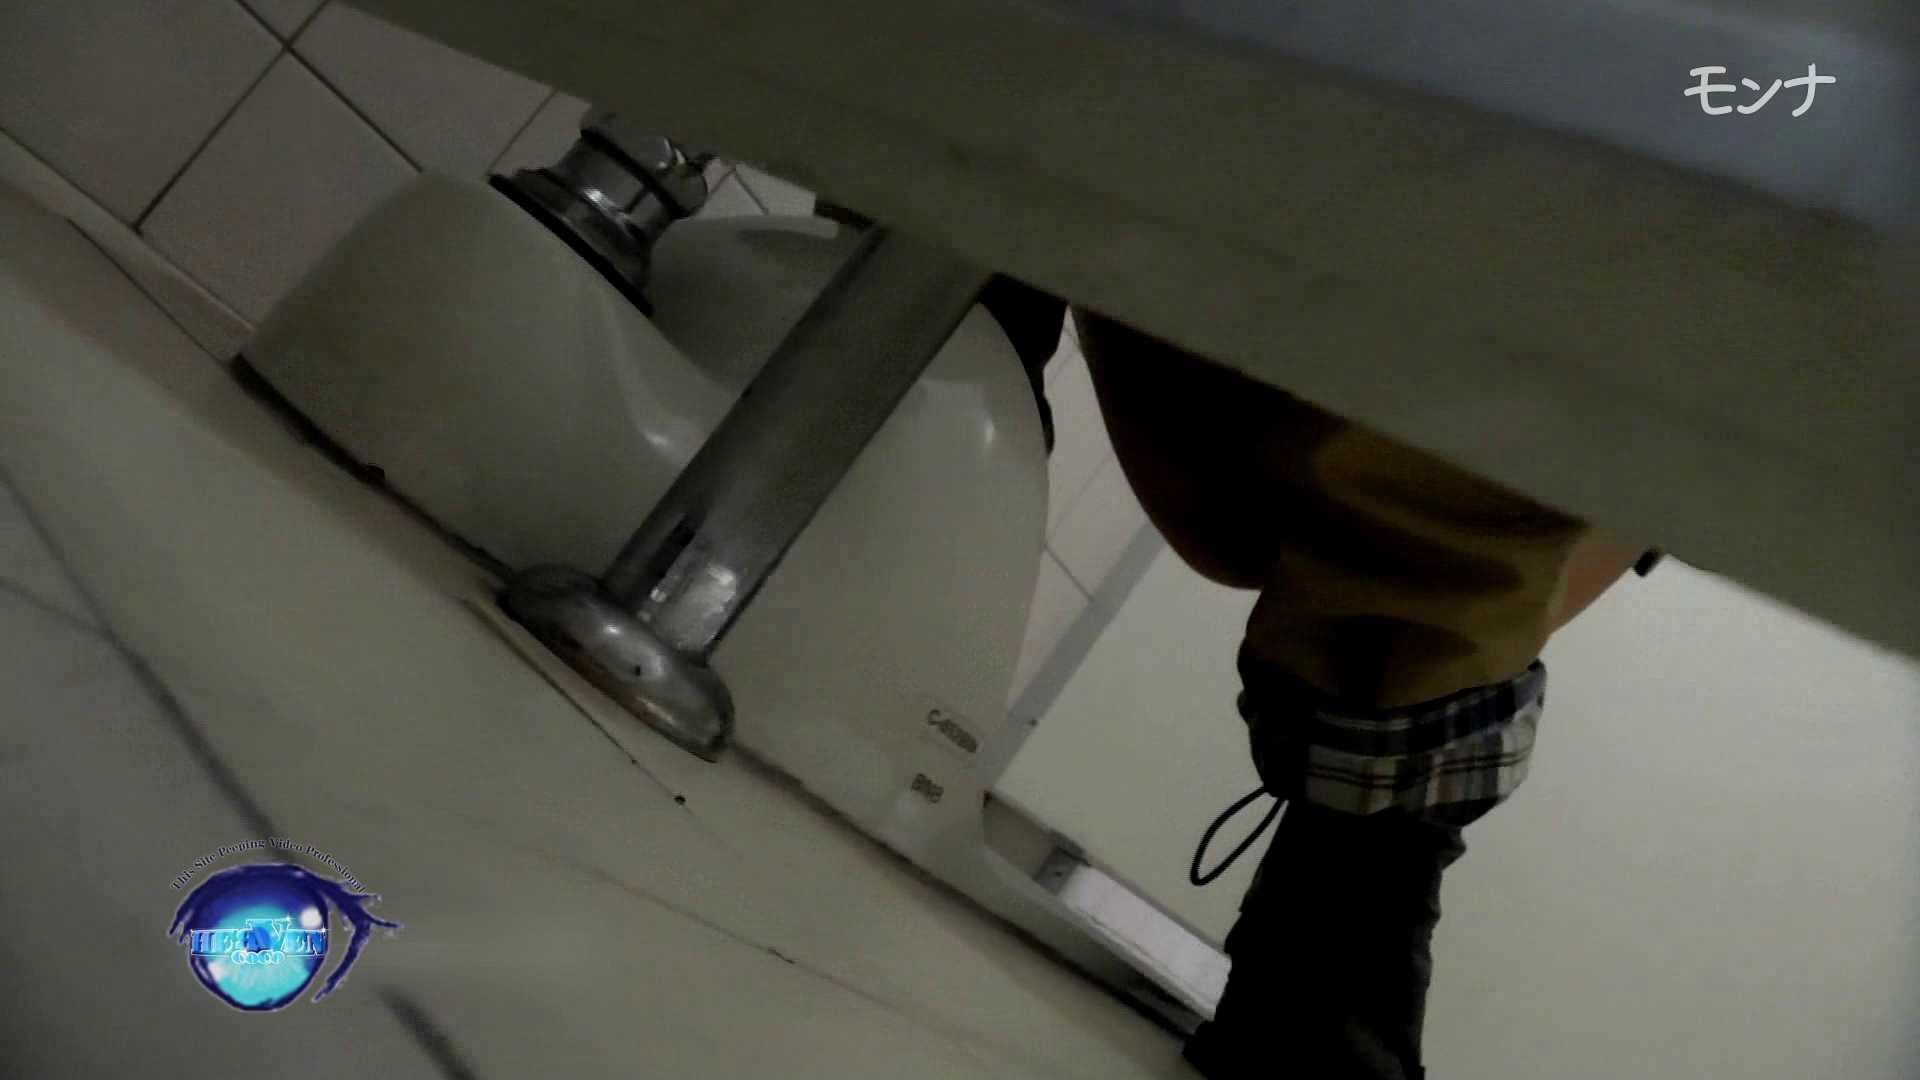 美しい日本の未来 No.96 女子トイレ   ガールの盗撮  51枚